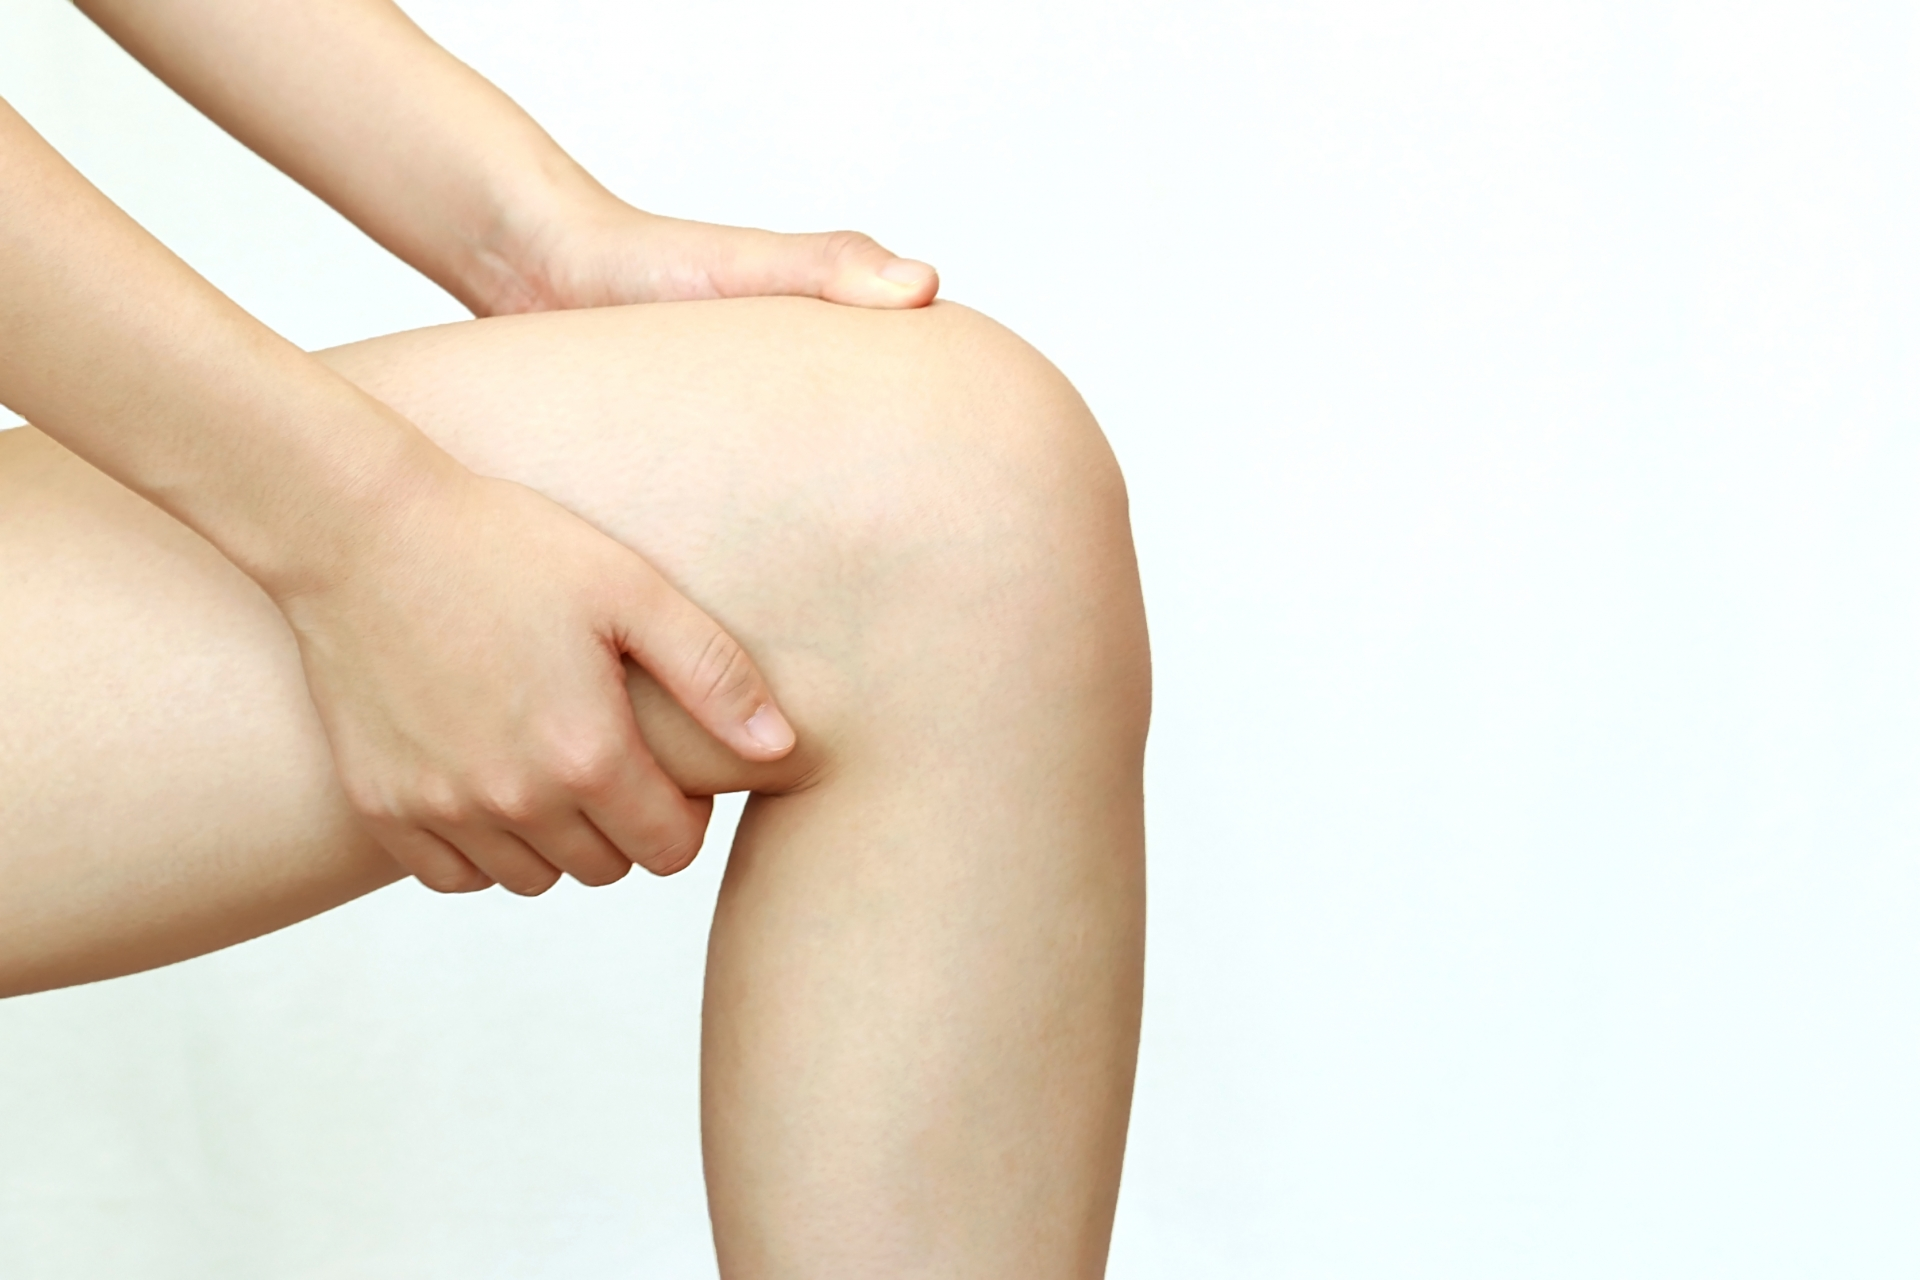 女性の太ももが太いのは筋肉やむくみが原因!細ももの作り方とは